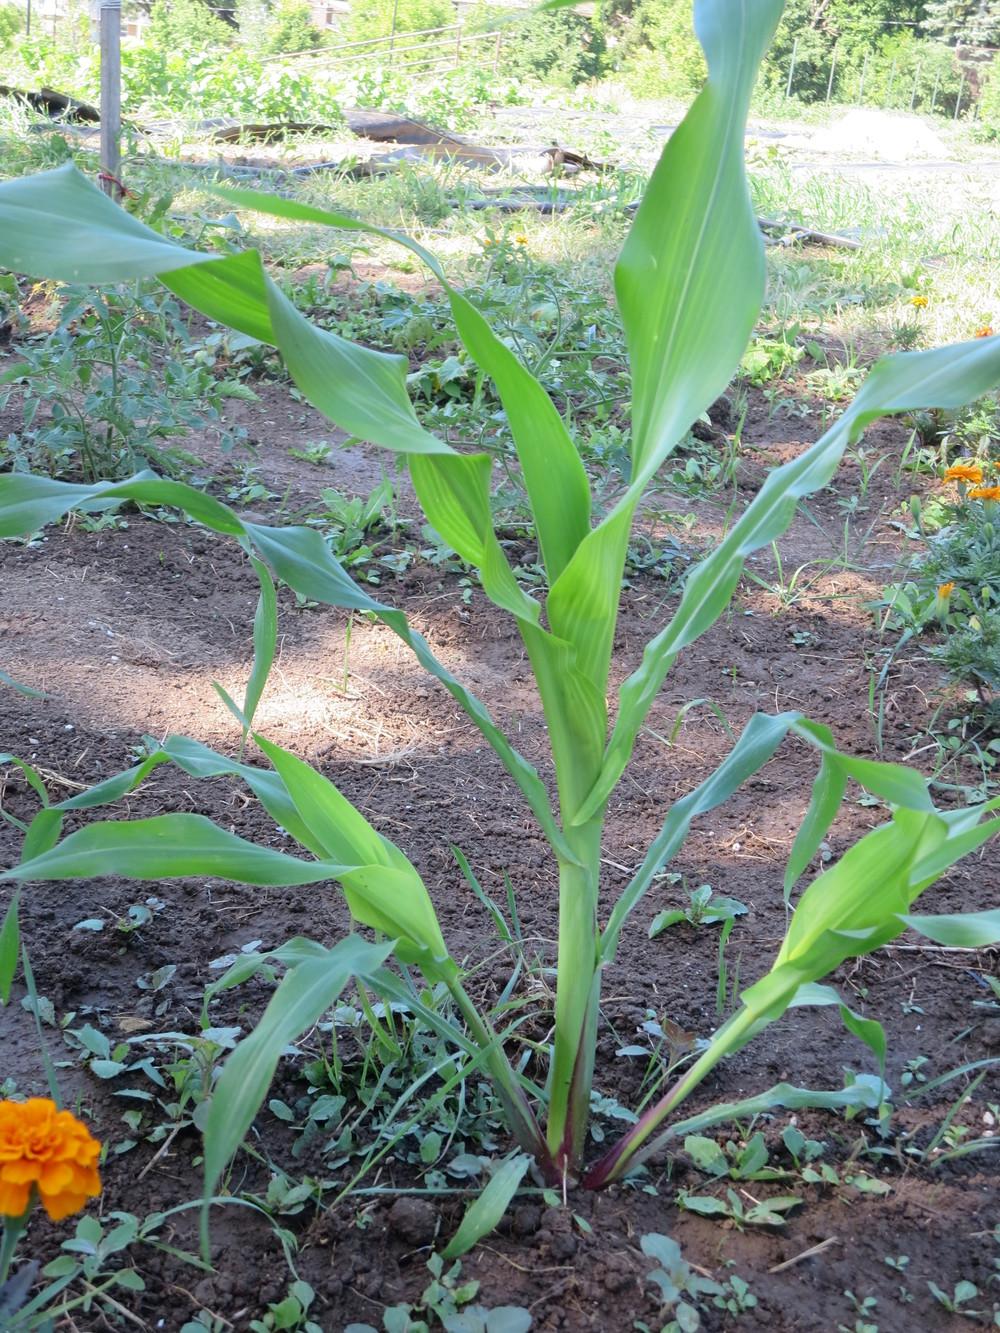 071816_Haudenosaunee White Corn - from Six Nations.JPG